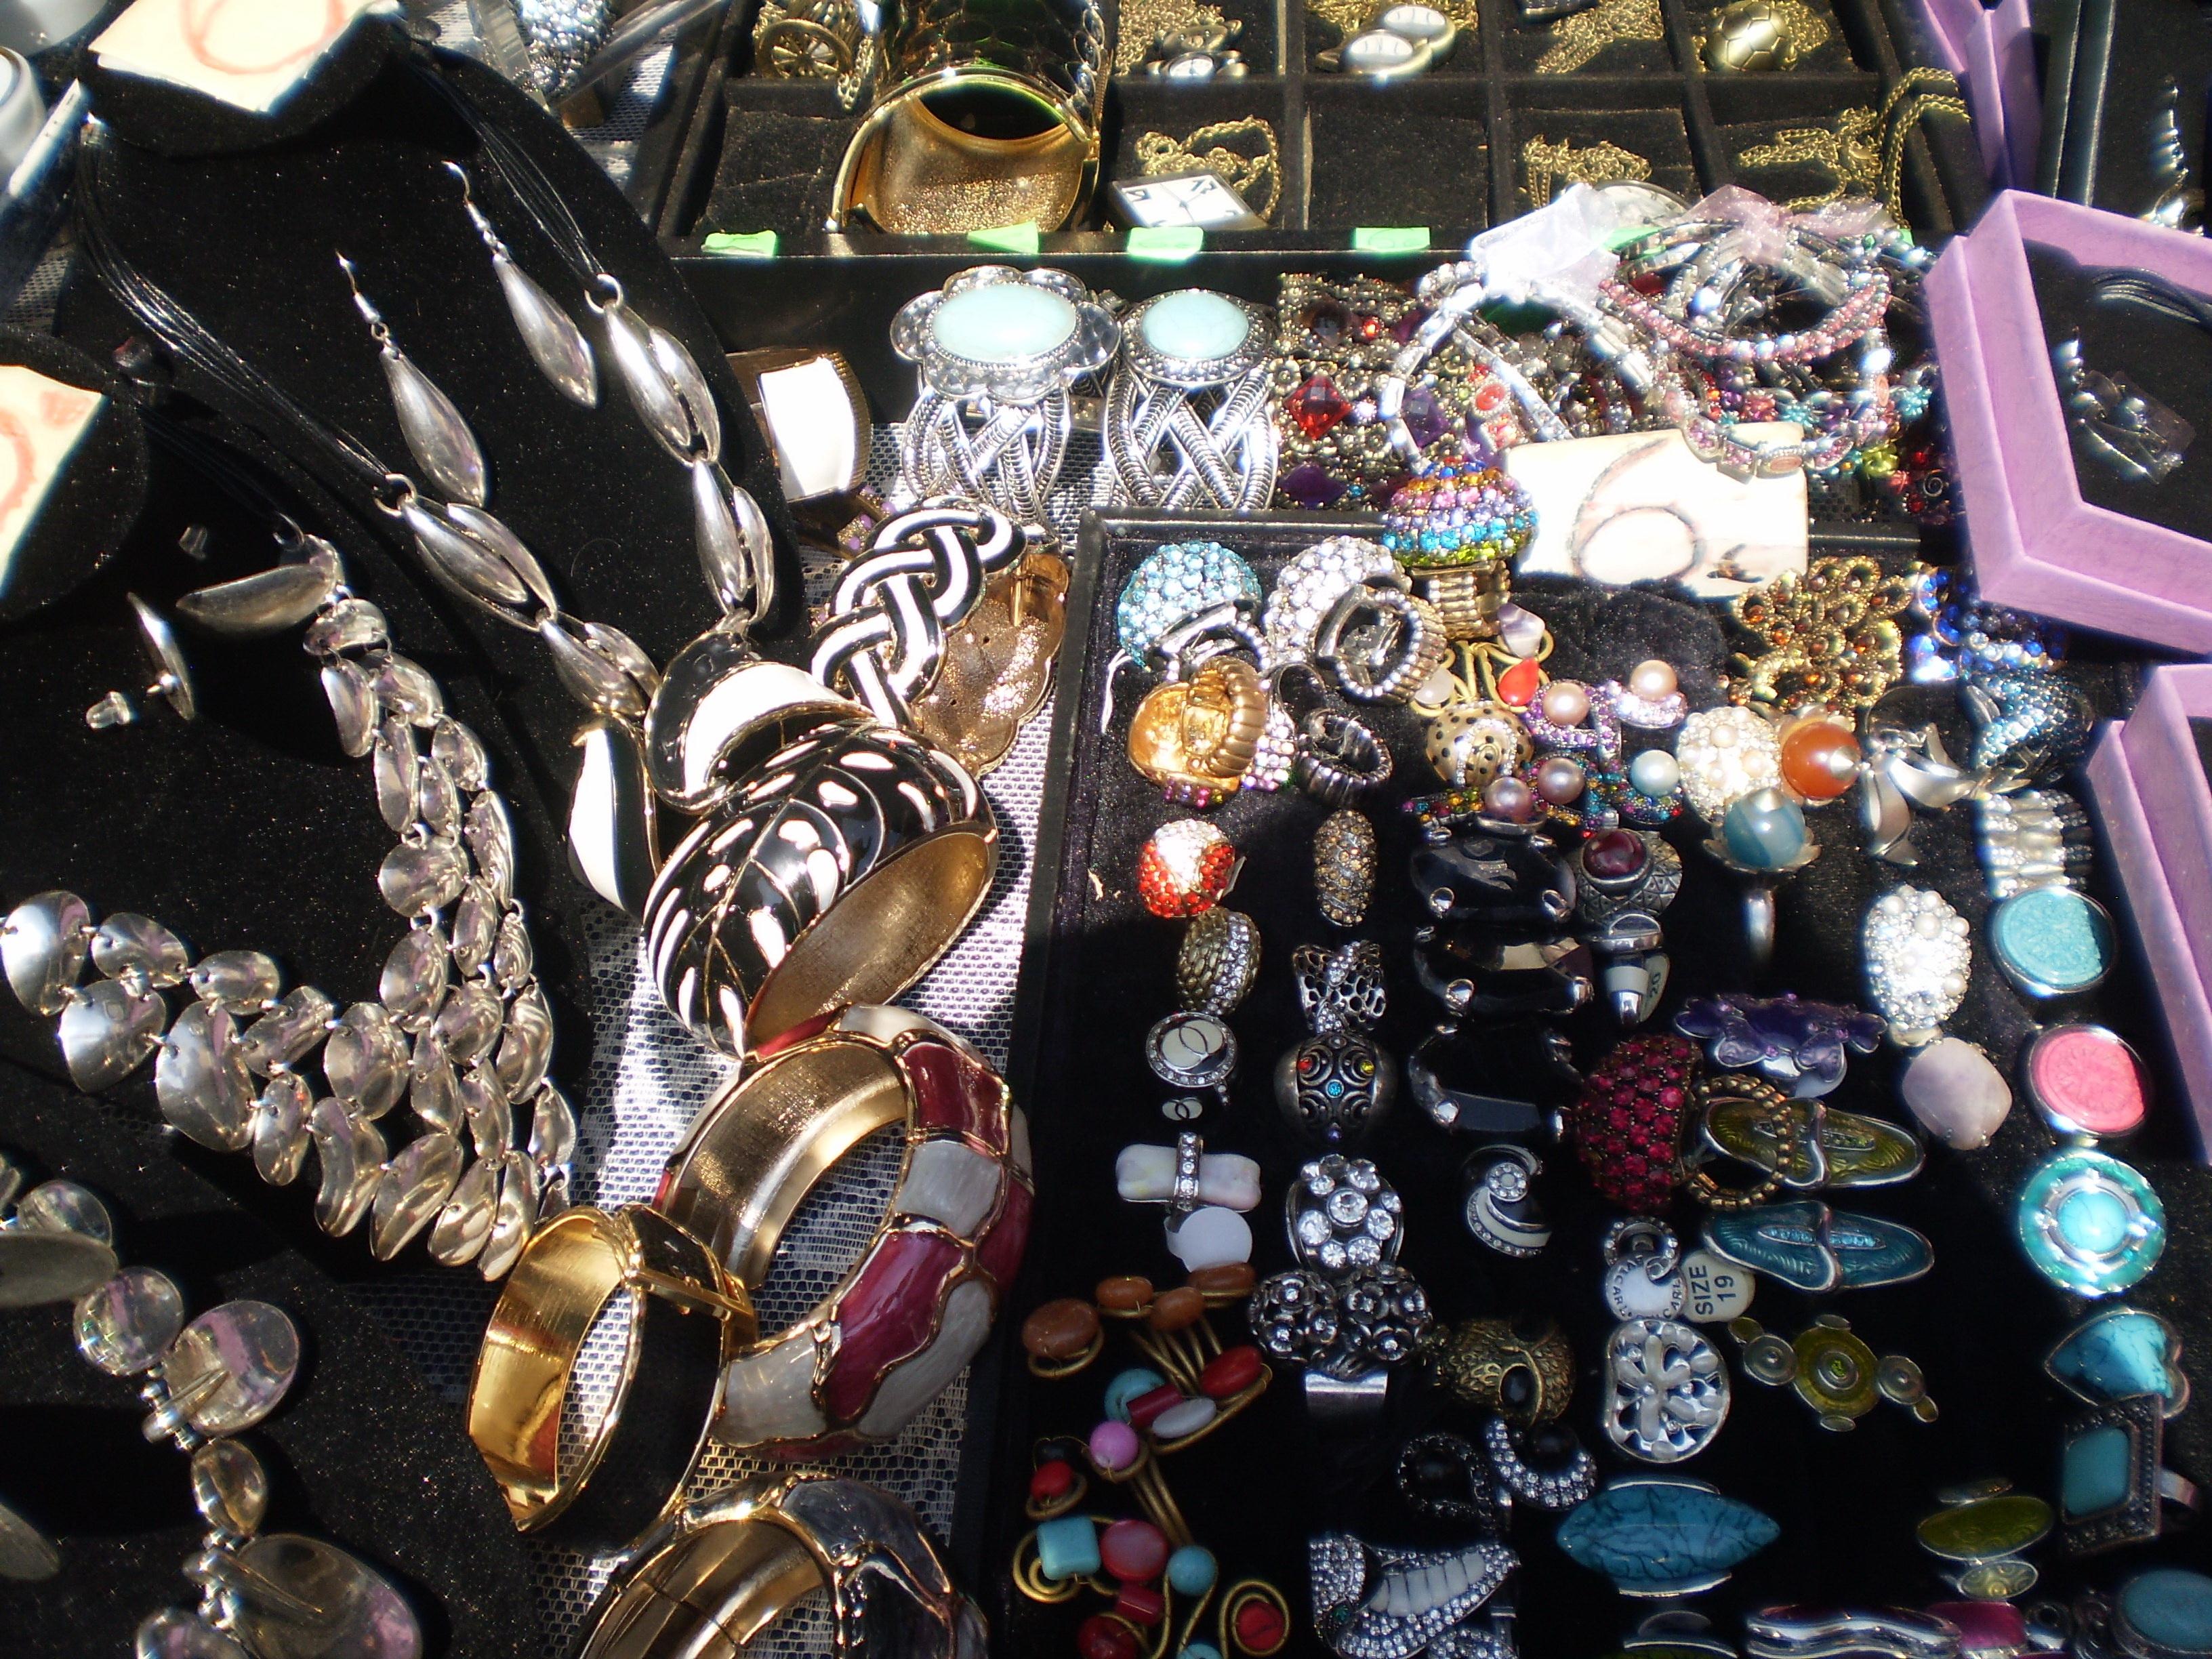 אופנת הצוענים הבוהמיינית בסמטאות הרחוב והשווקים. תכשיטים בברצלונה. צילום: אריאלה גויכמן